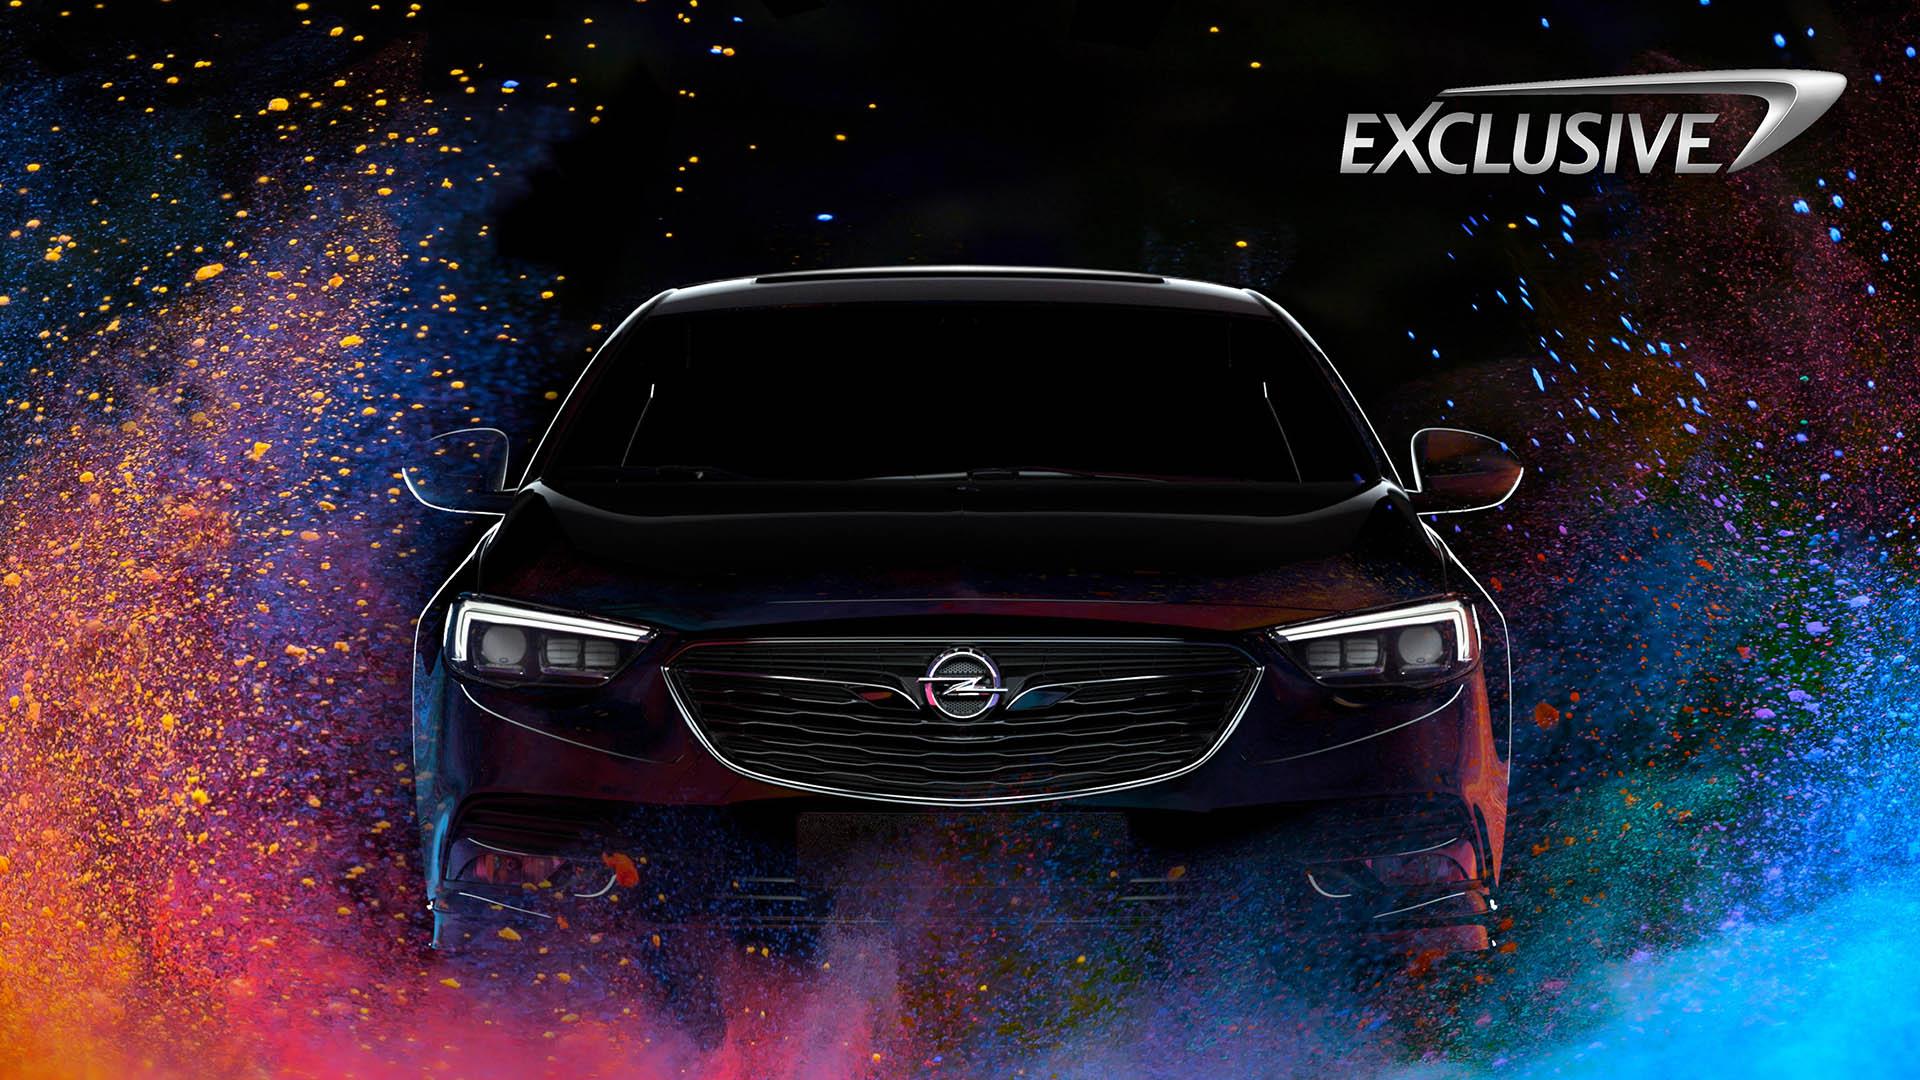 Opel Exclusive program